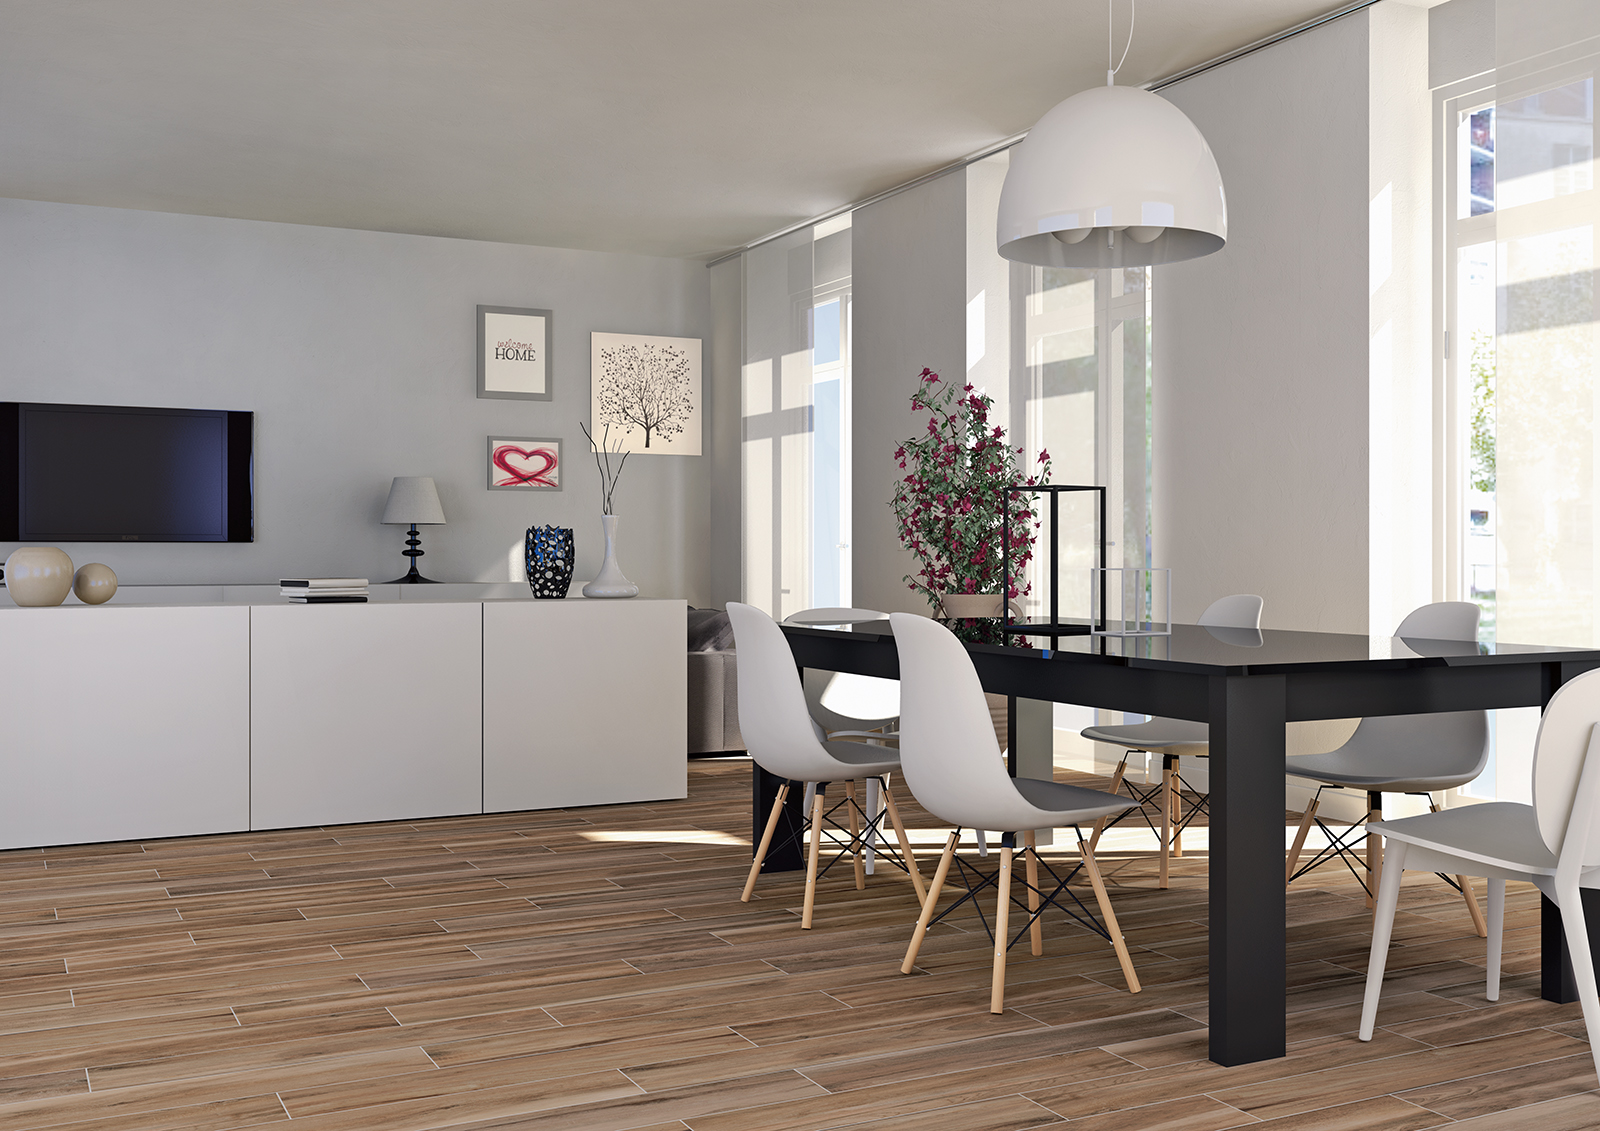 Piastrelle Effetto Legno Tortora : Serie flora pavimenti e rivestimenti moda